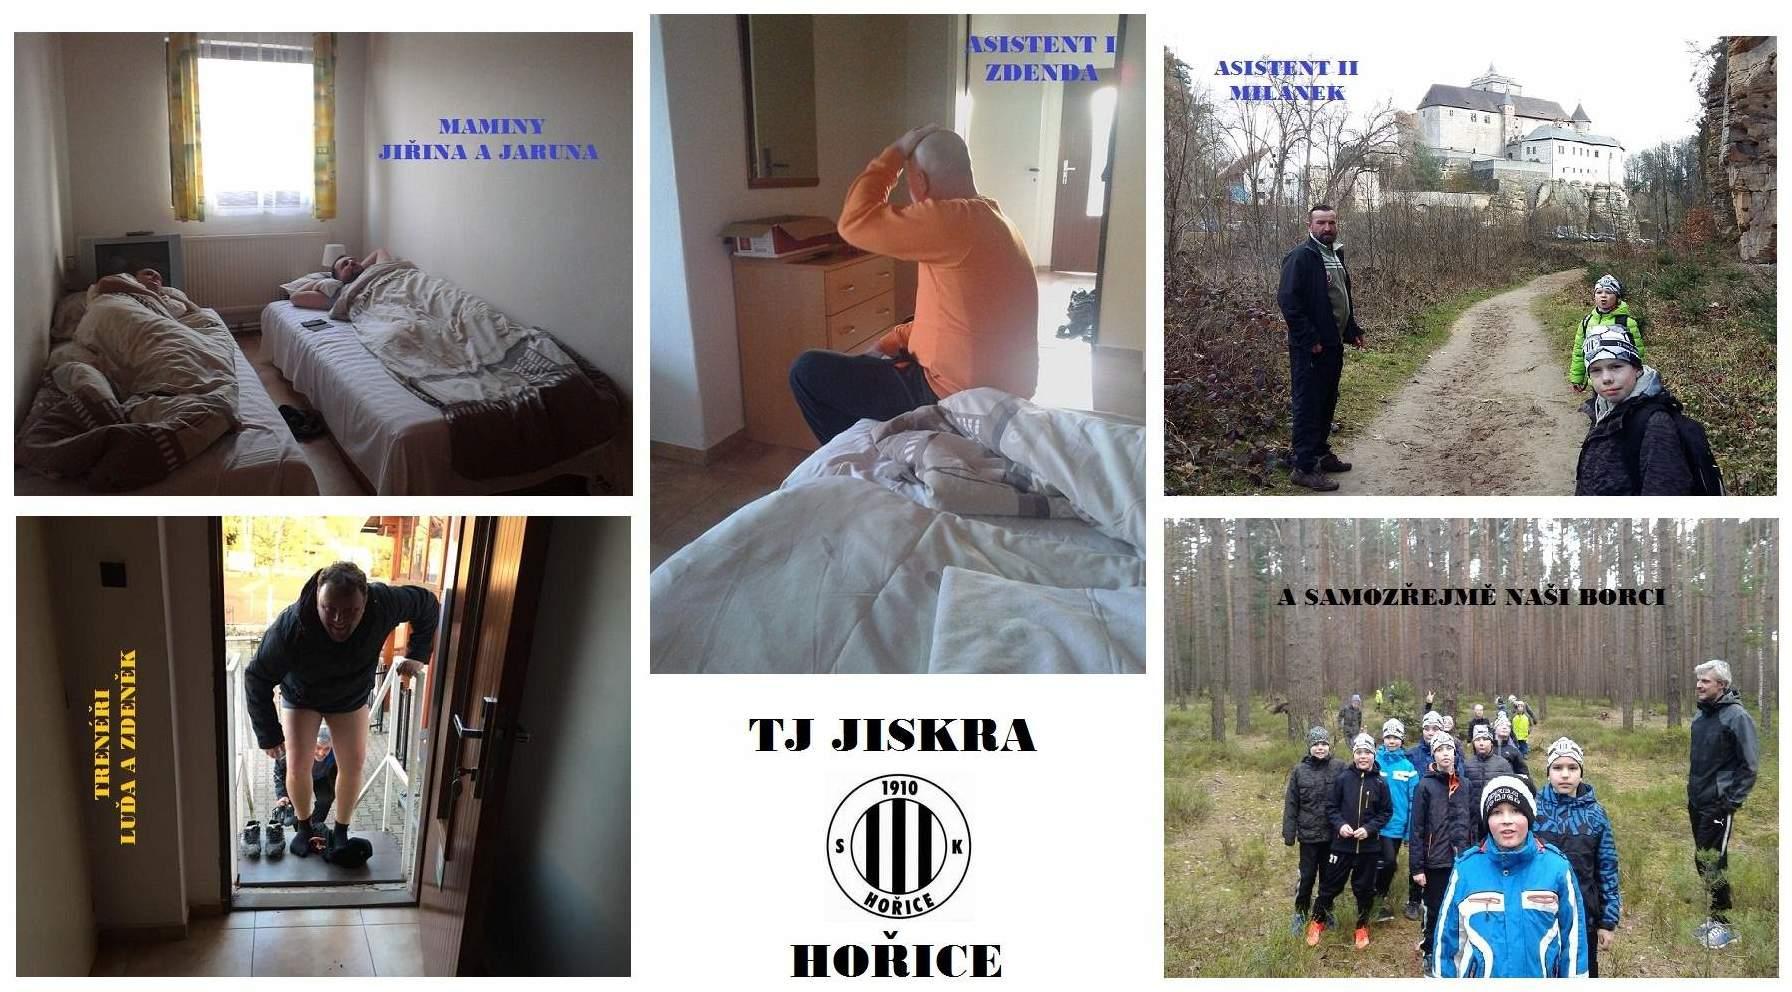 http://img20.rajce.idnes.cz/d2003/12/12572/12572022_62ce531fca093aba30e74647d8610050/images/Soustredko.jpg?ver=2